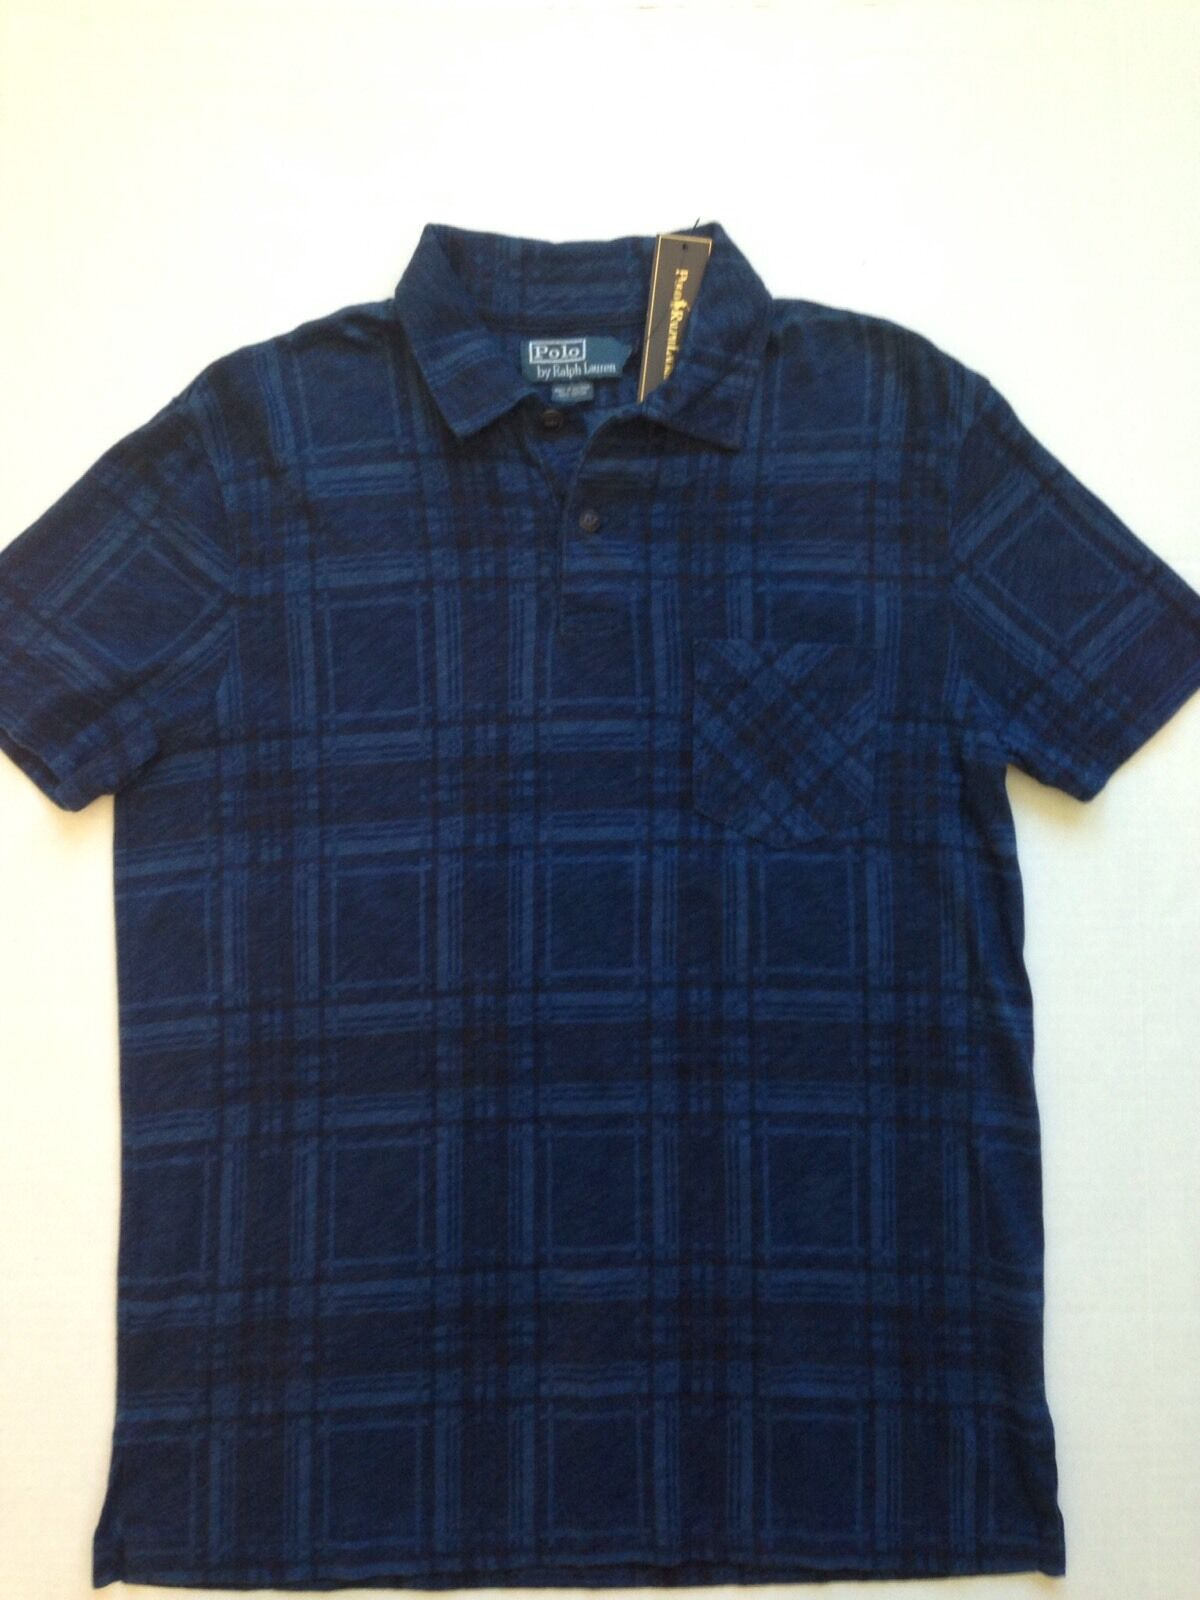 New  Ralph Lauren bluee Indigo Plaid Polo Shirt S Jersey Cotton light weight